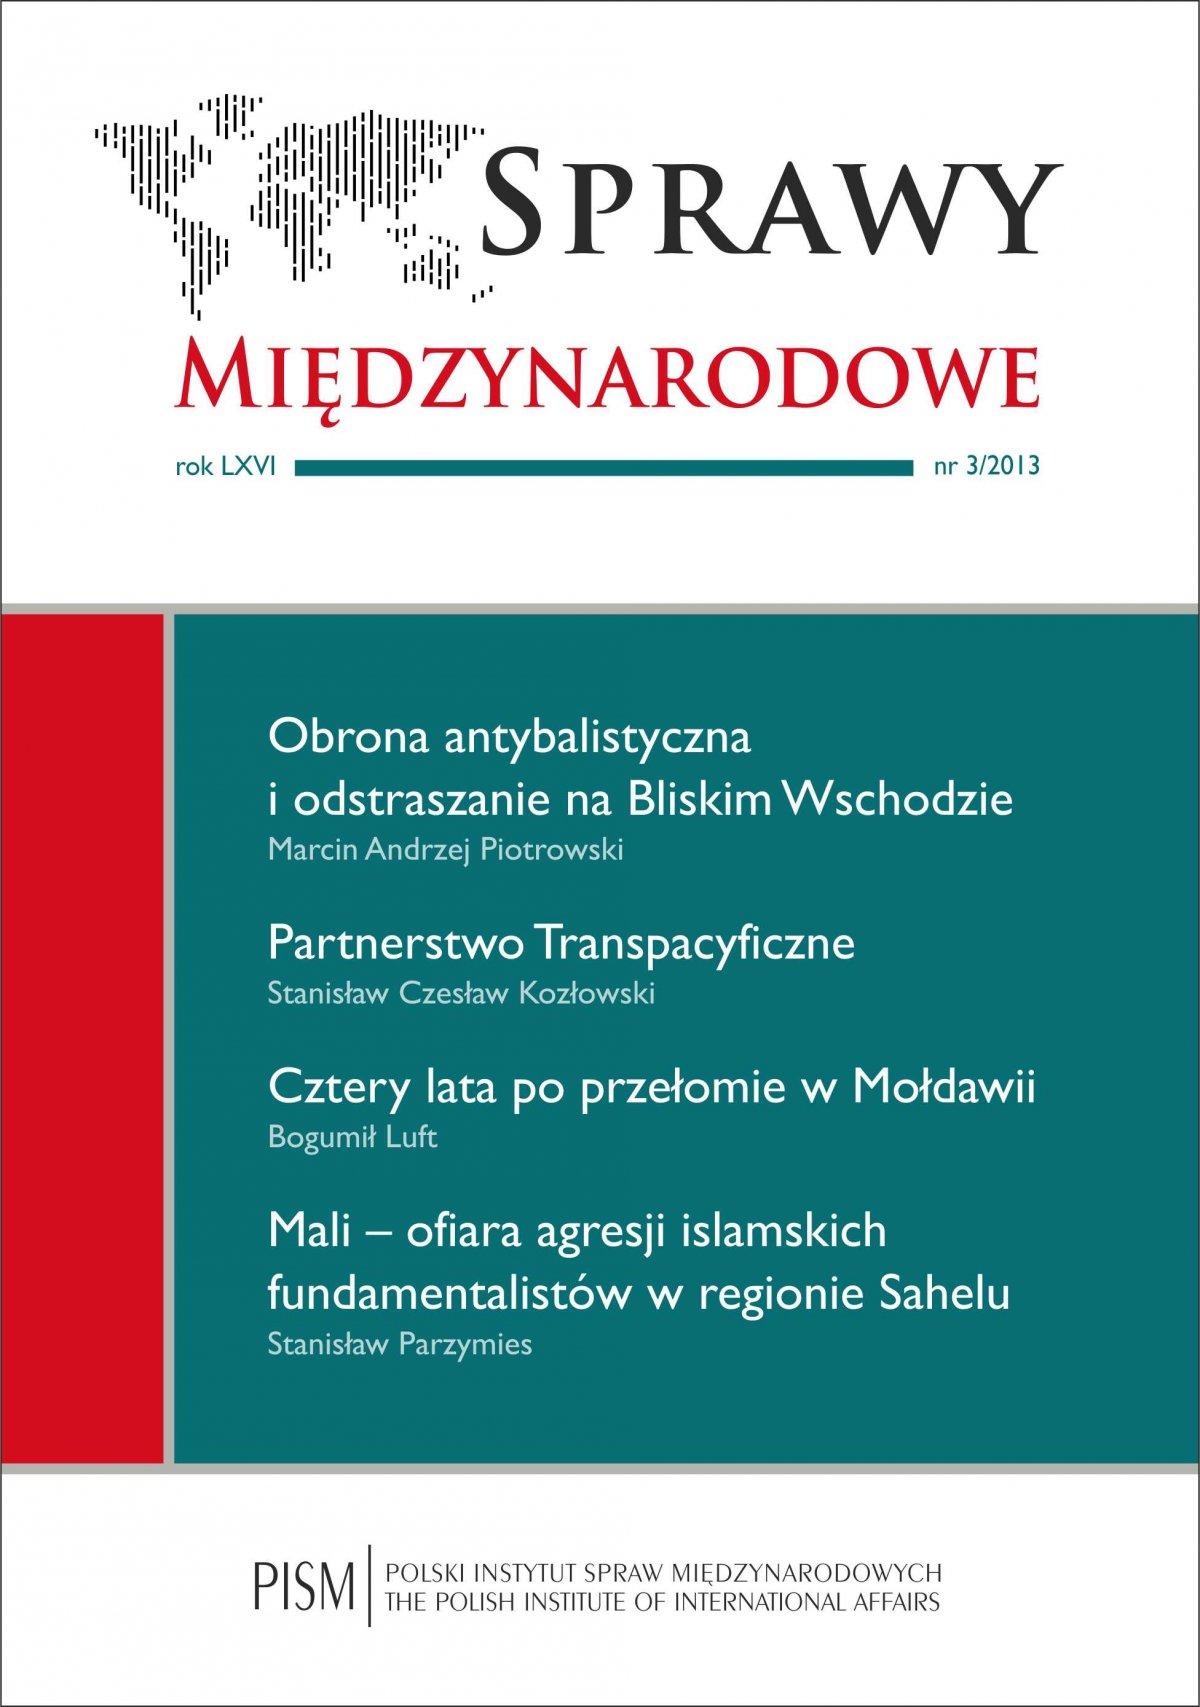 Sprawy Międzynarodowe 3/2013 - Ebook (Książka na Kindle) do pobrania w formacie MOBI